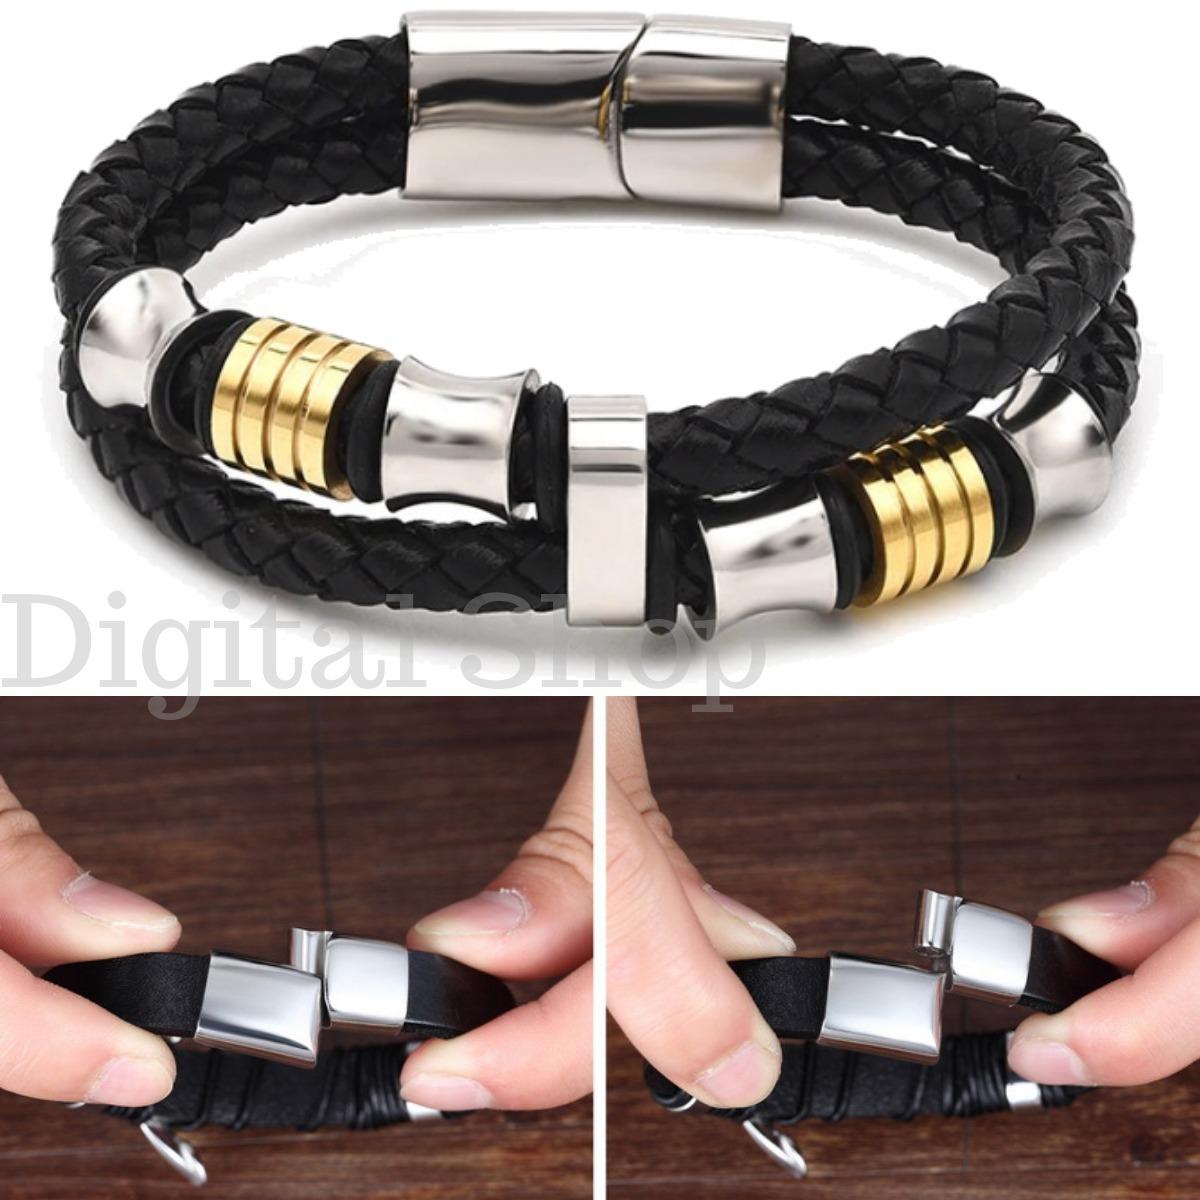 Bracelete Masculina Couro Aço Inox Ouro - Joias Em Couro - R  59,00 ... bafac8cd9a